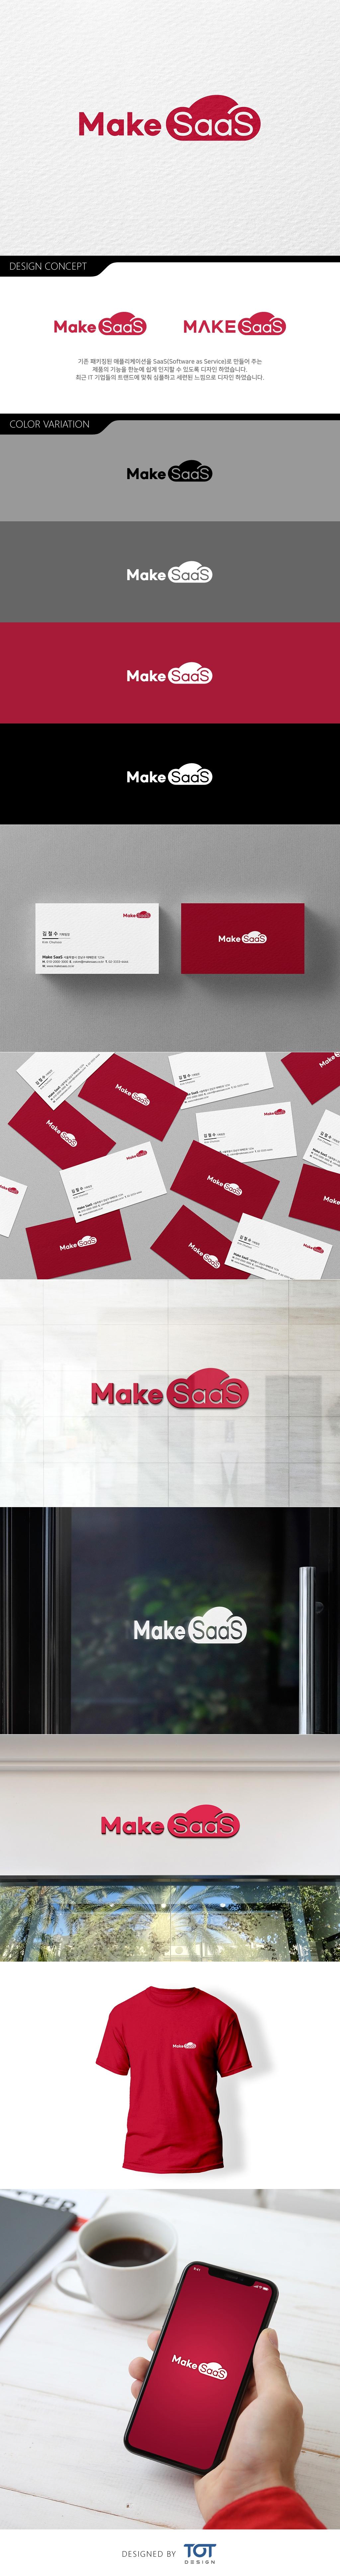 로고 디자인   Make SaaS 브랜드 로고 디자인   라우드소싱 포트폴리오